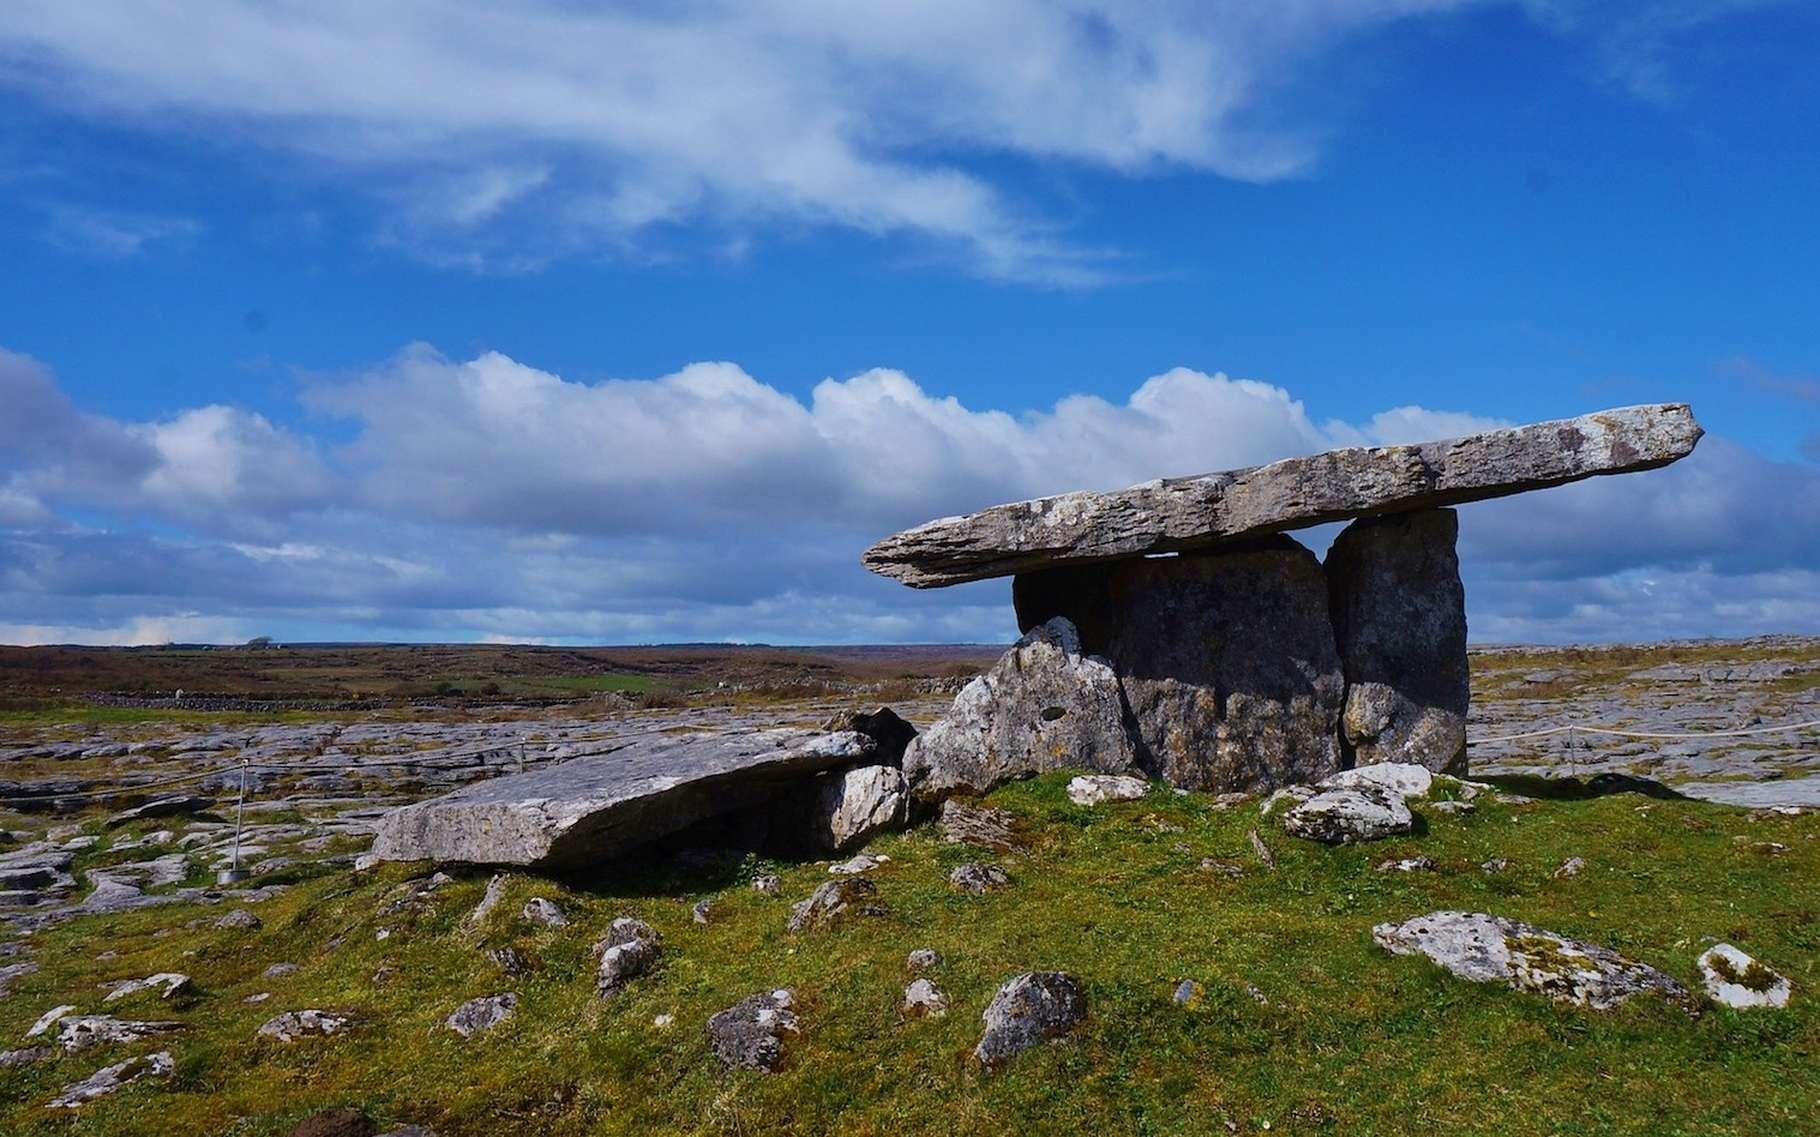 Les dolmens, des structures mégalithiques, sont nombreux en Europe de l'ouest. Ici, en Irlande. © carina_chen, Pixabay, CC0 Public DOmain